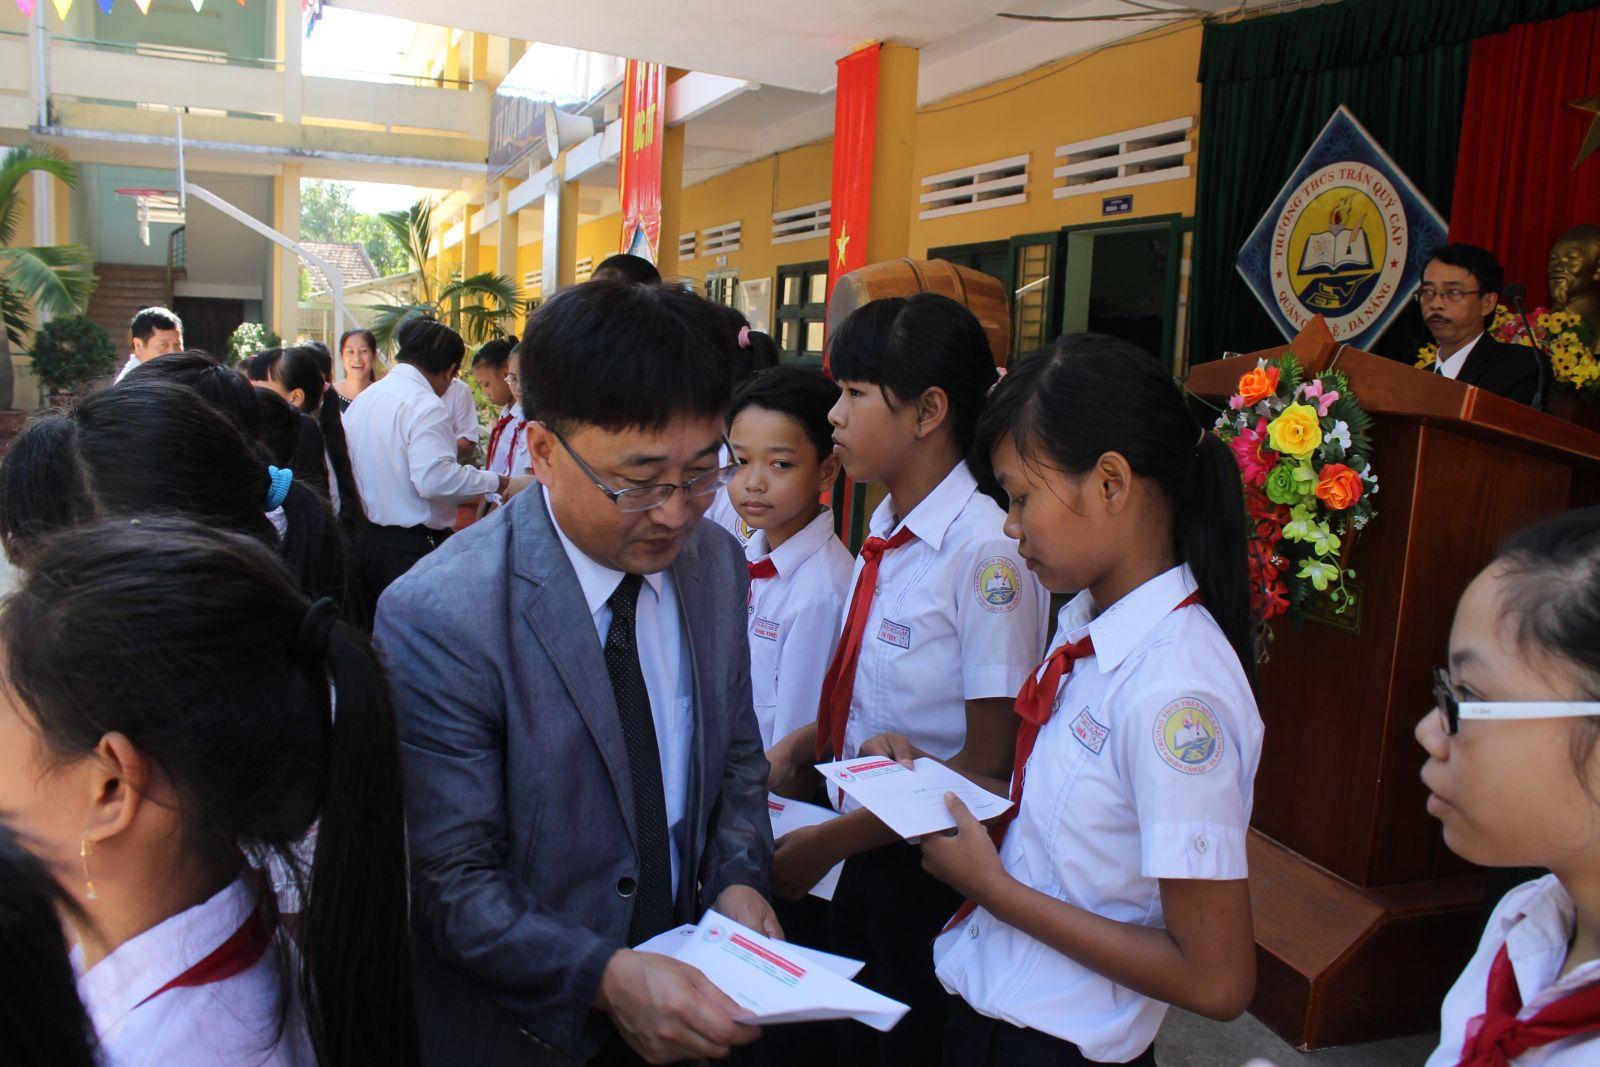 Trao học bổng cho 4 tỉnh miền trung